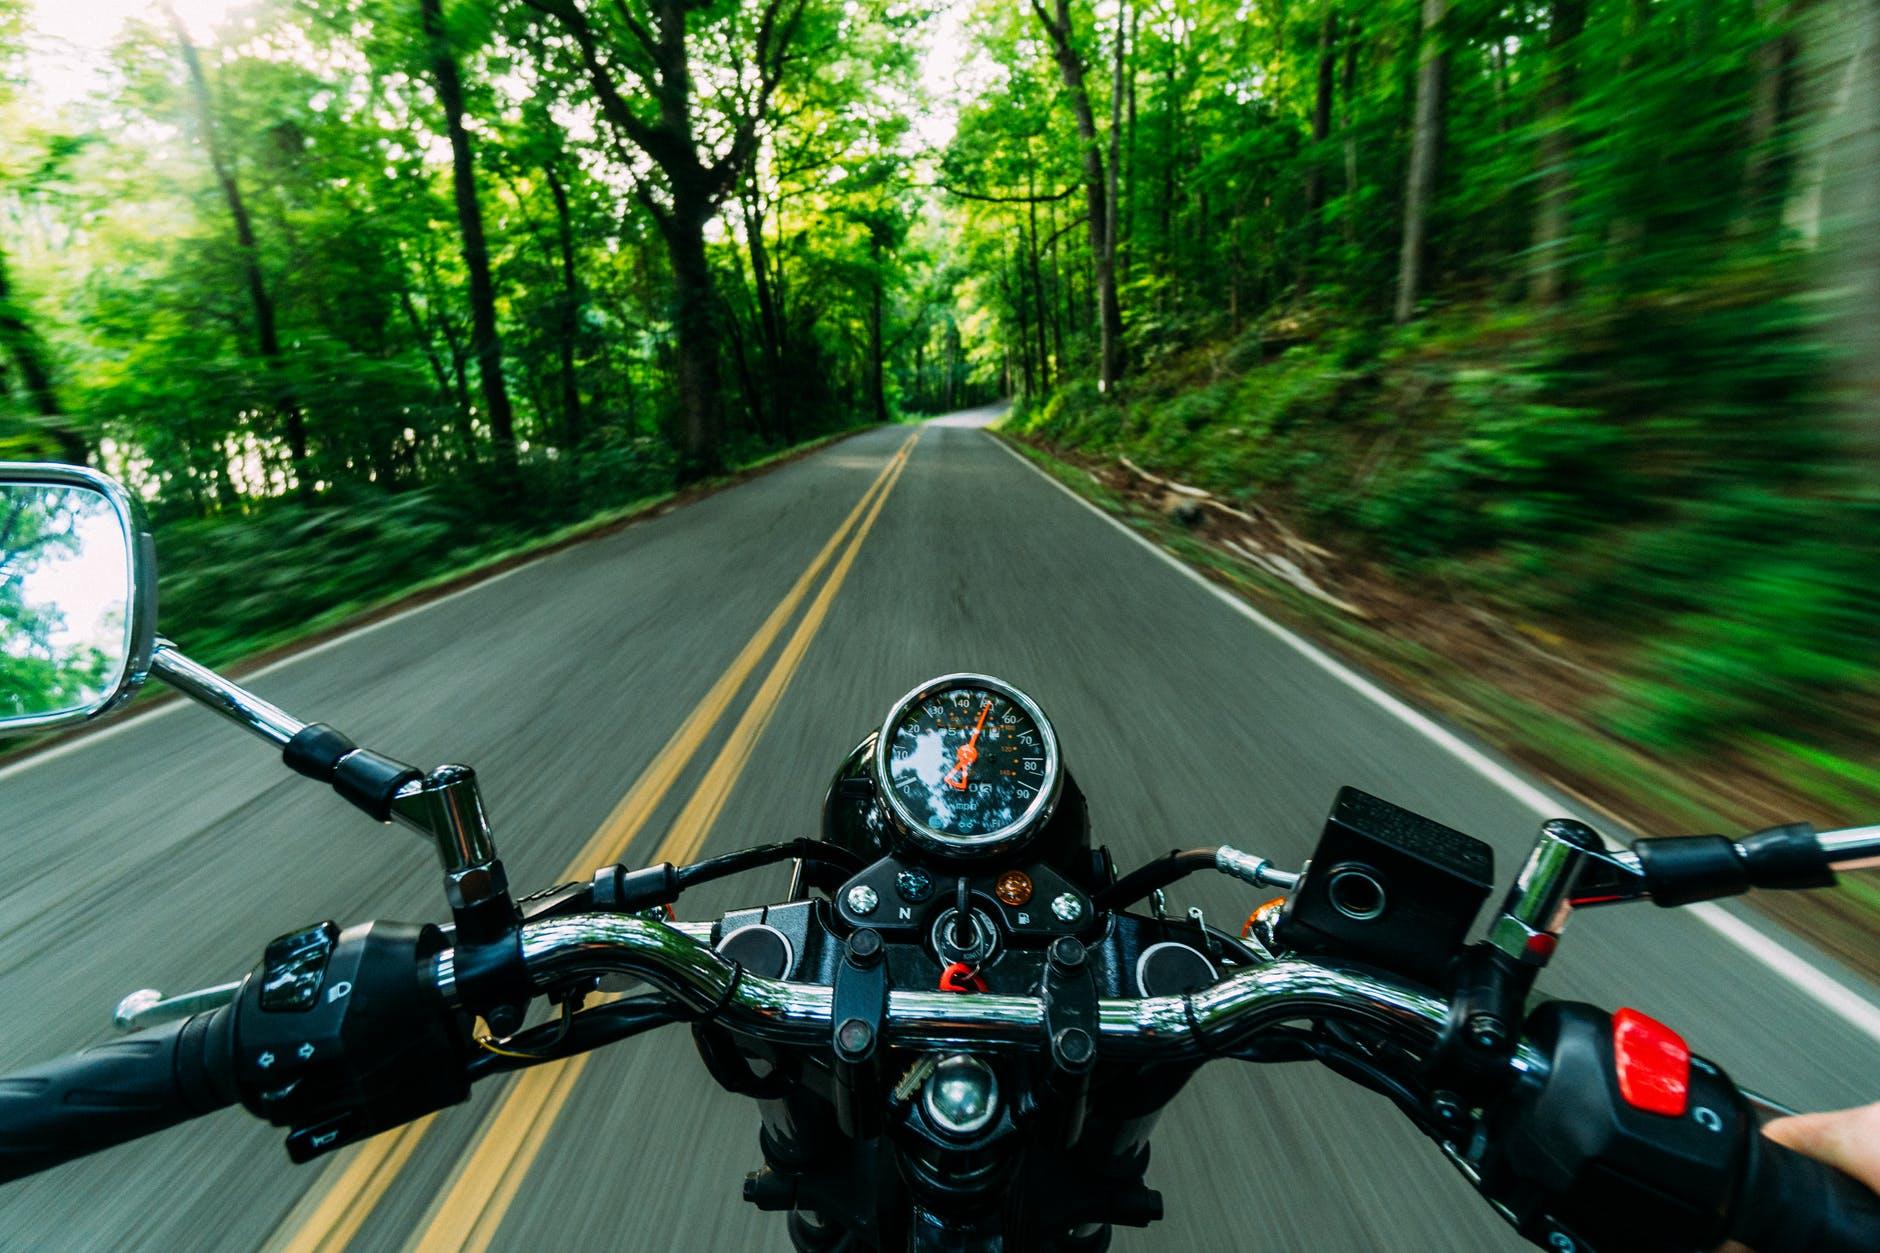 Bez tiesībām brauc ar motociklu